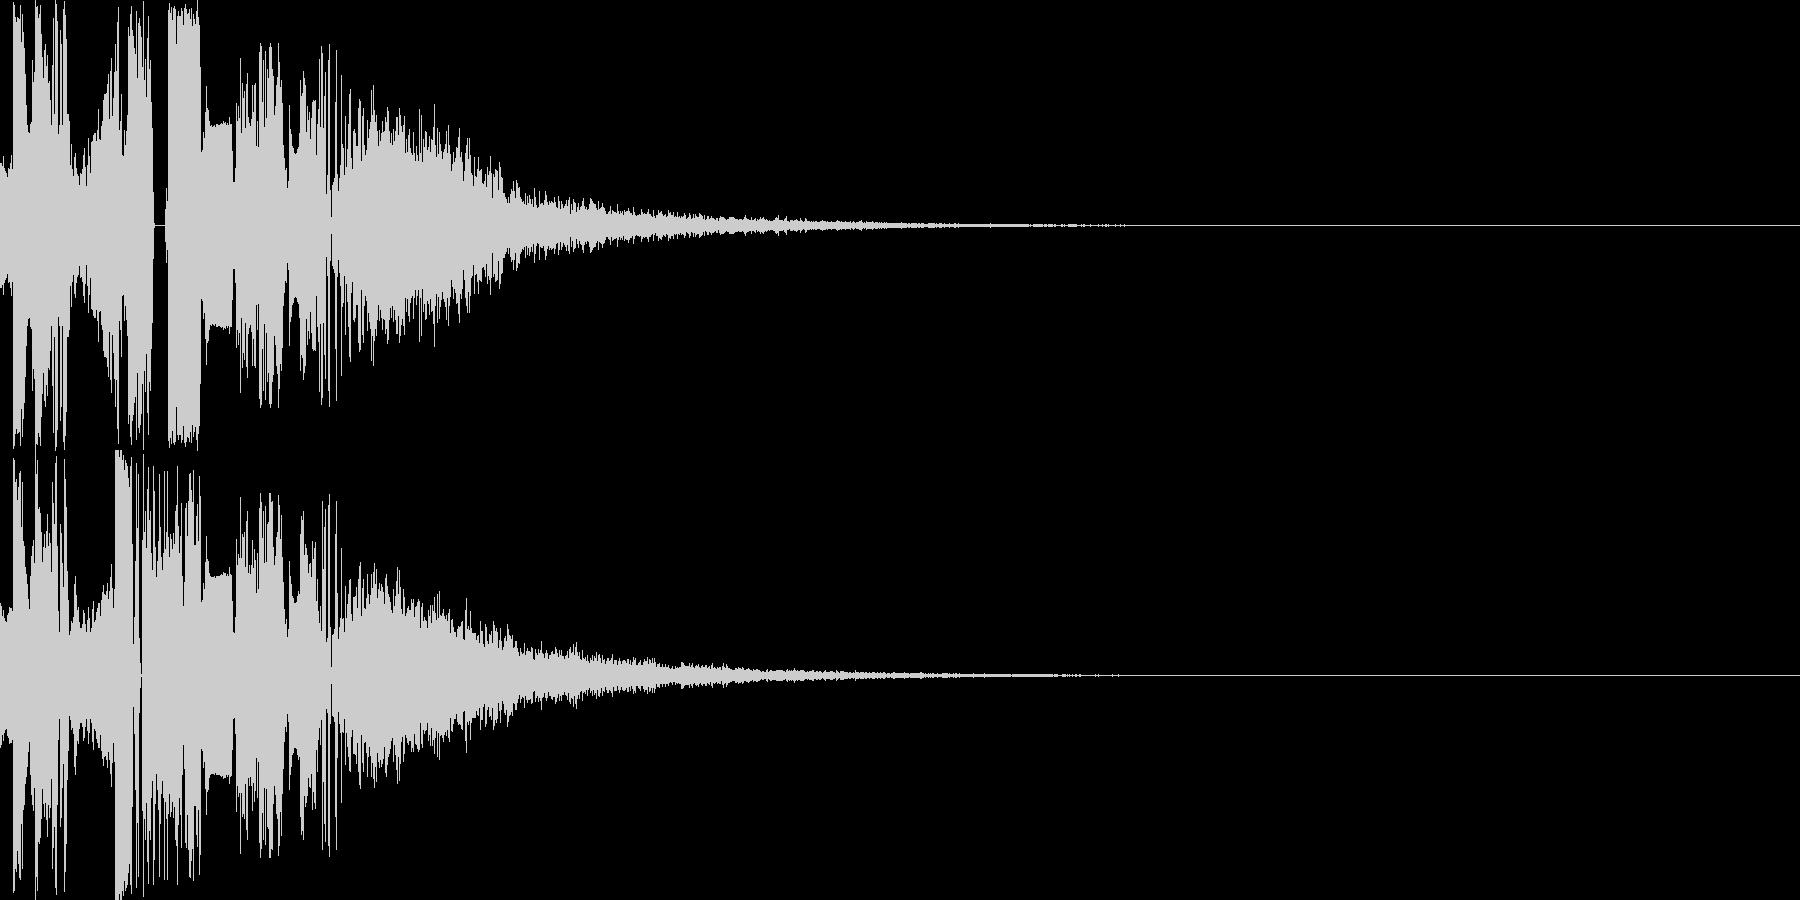 ジングル制作にピッタリなカッコイイ効果音の未再生の波形